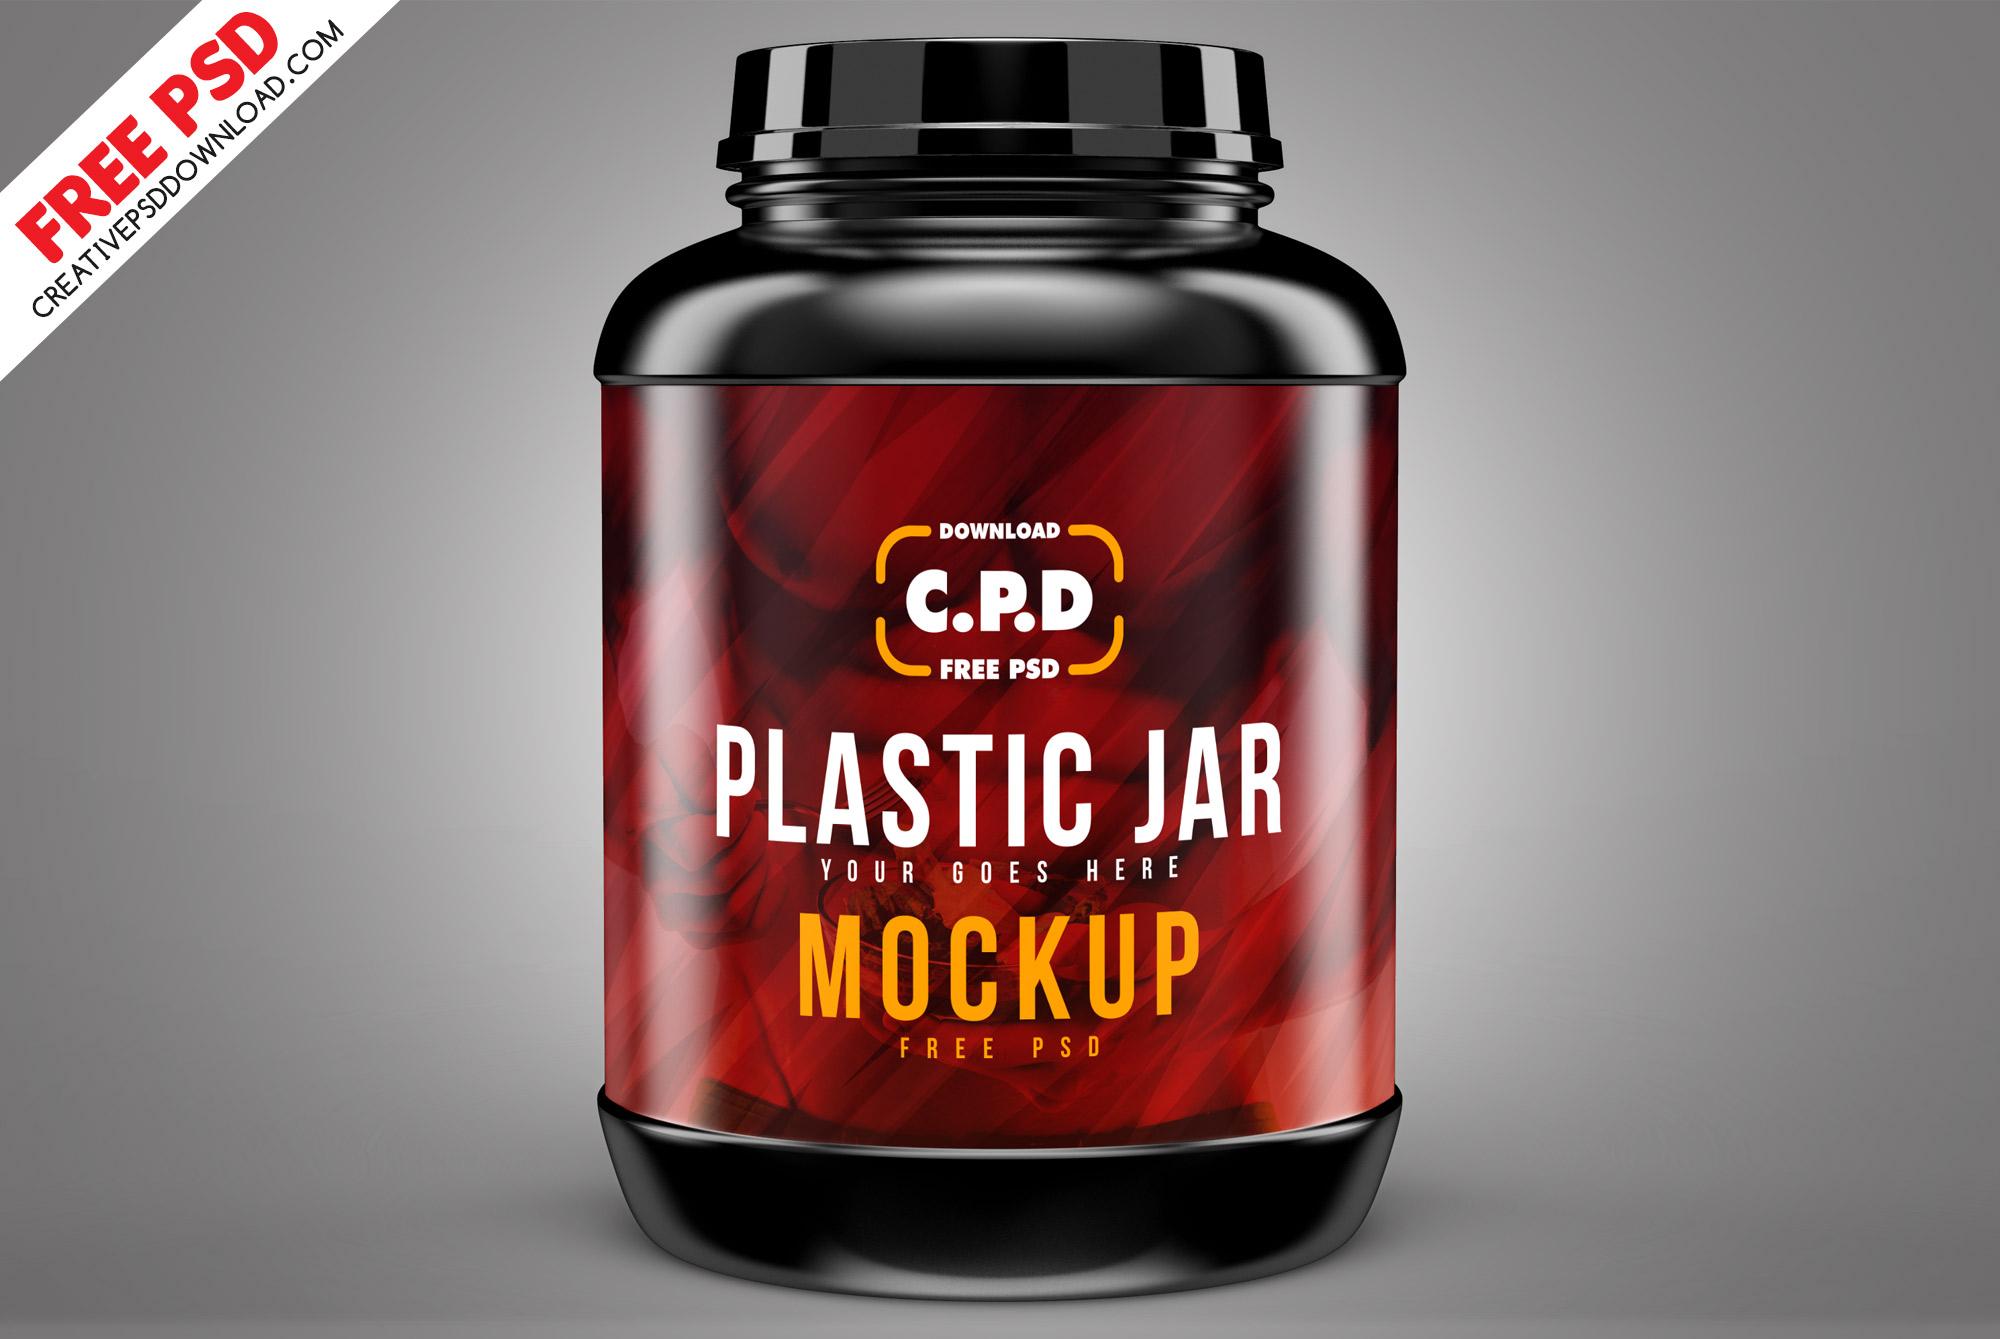 Plastic Jar Mockup Free Psd